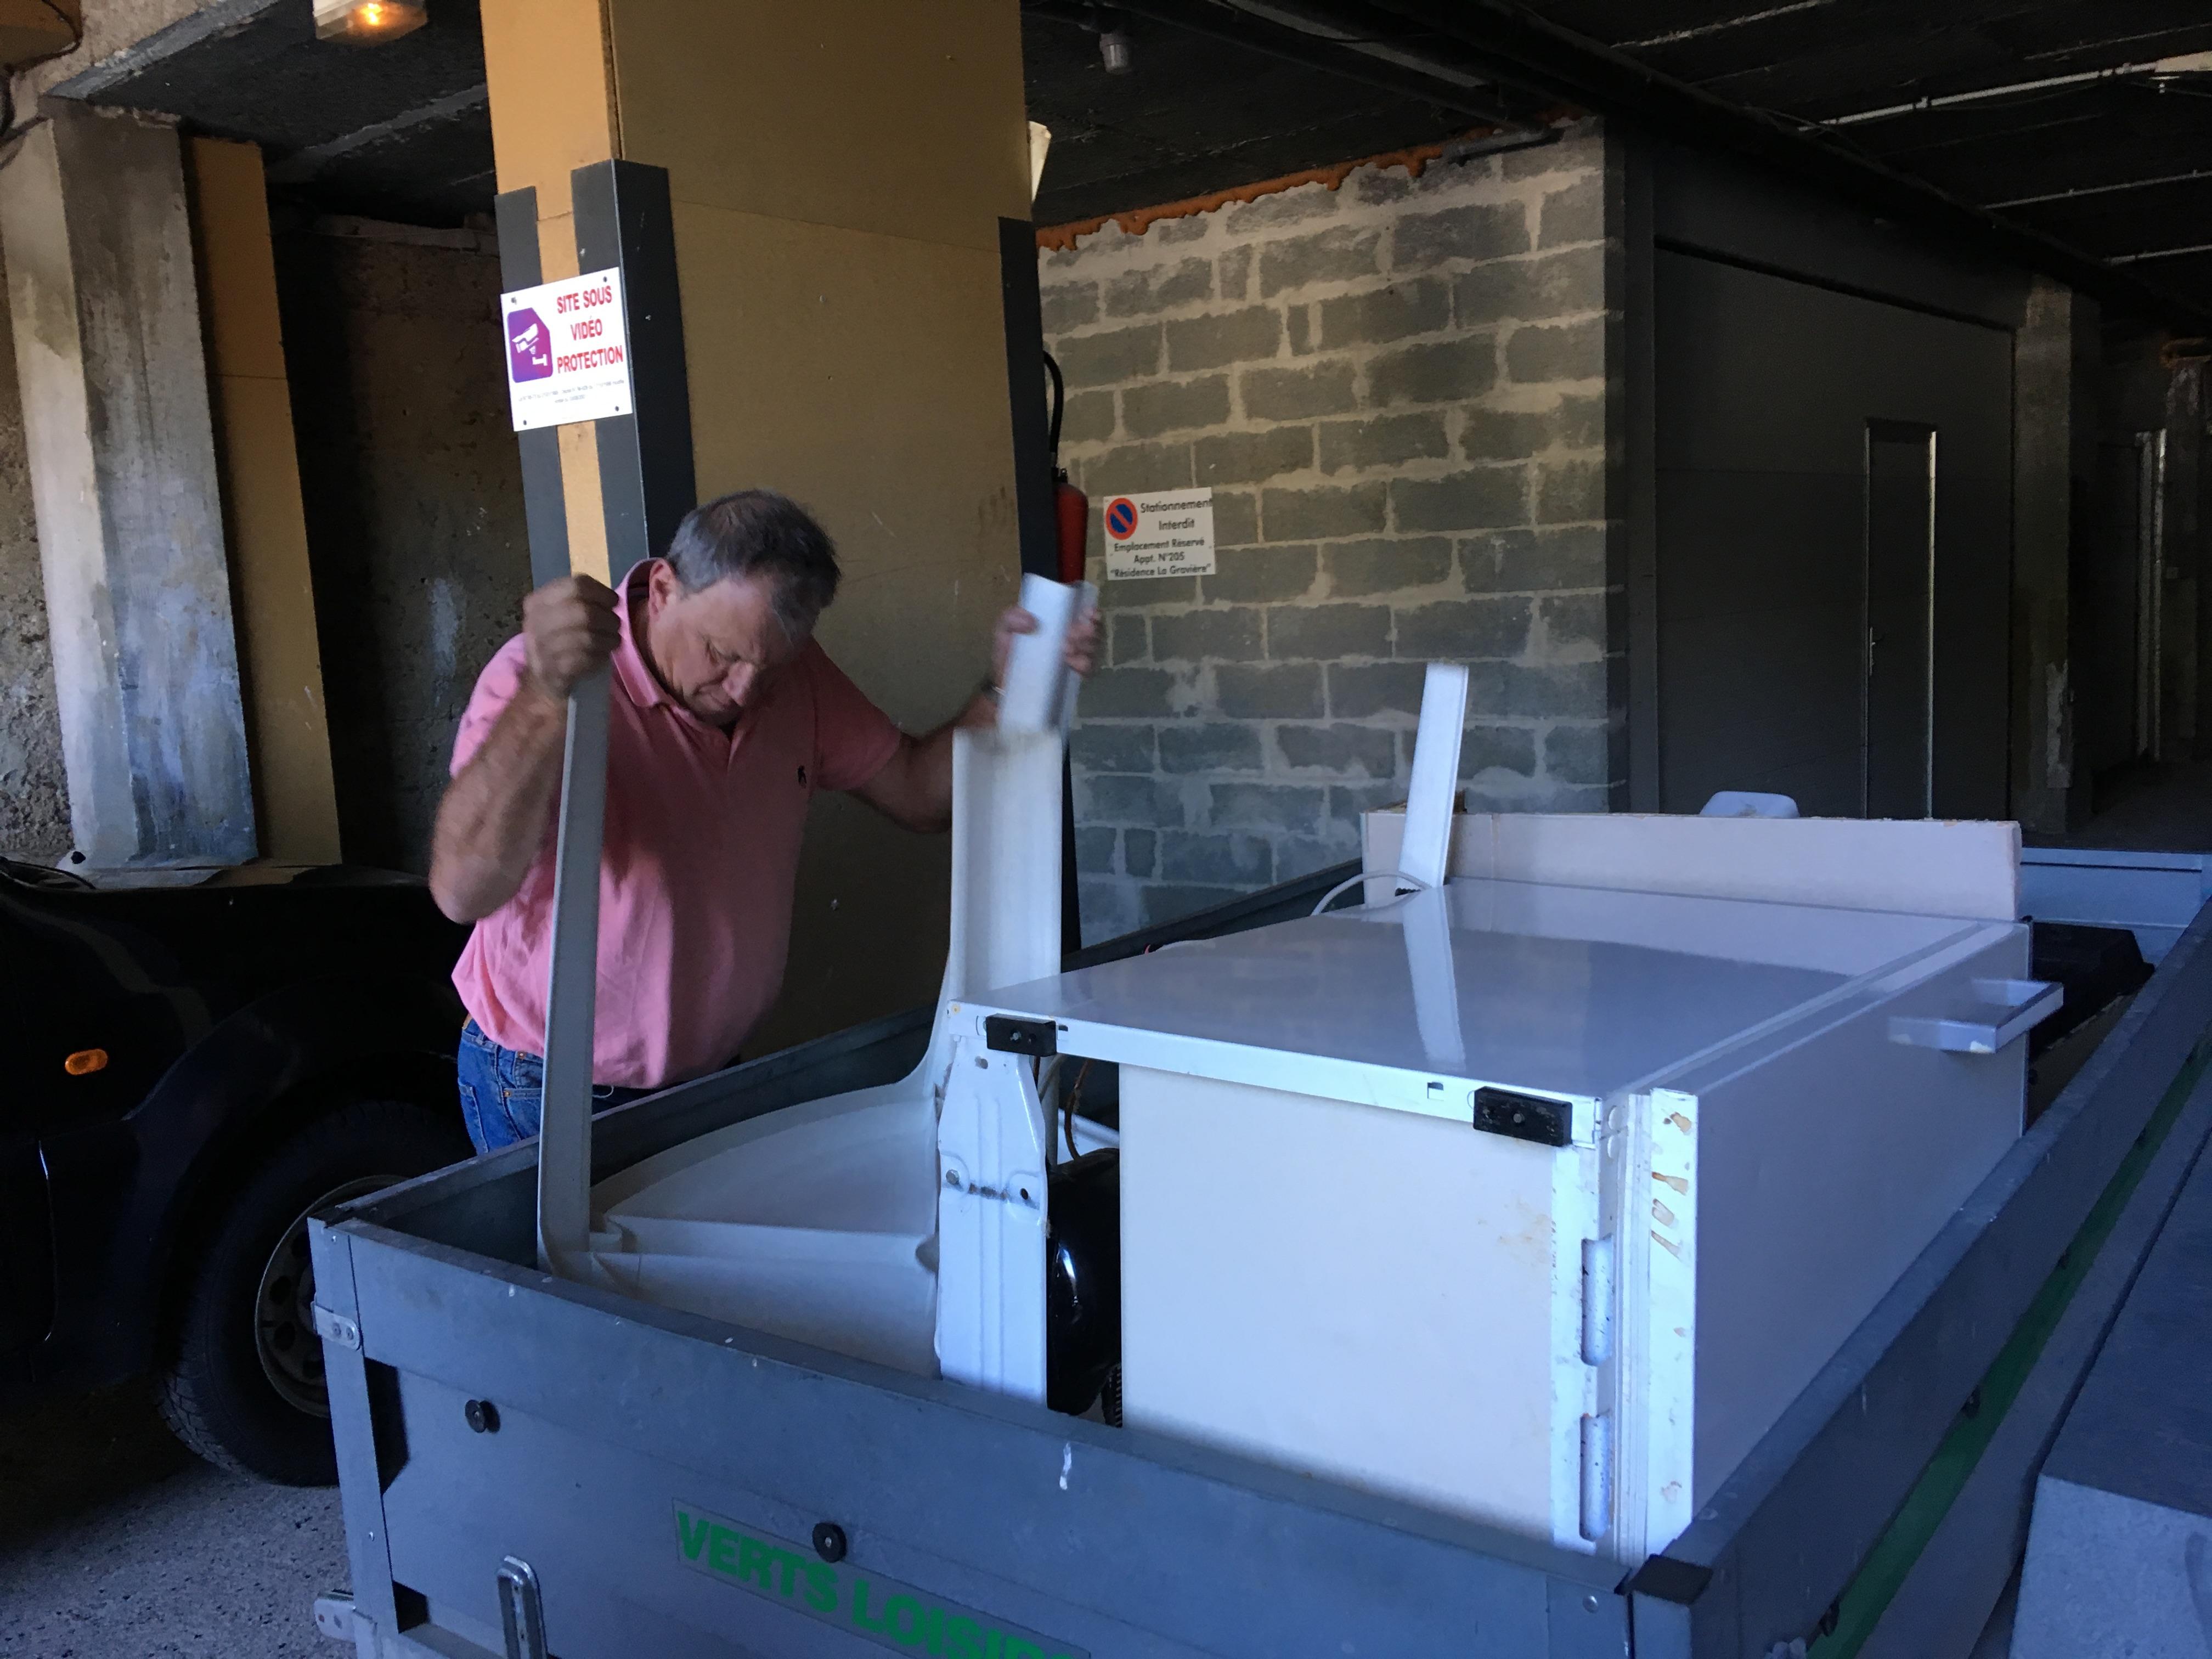 le gardien nettoie les sous sols et emporte les encombrants à la déchetterie